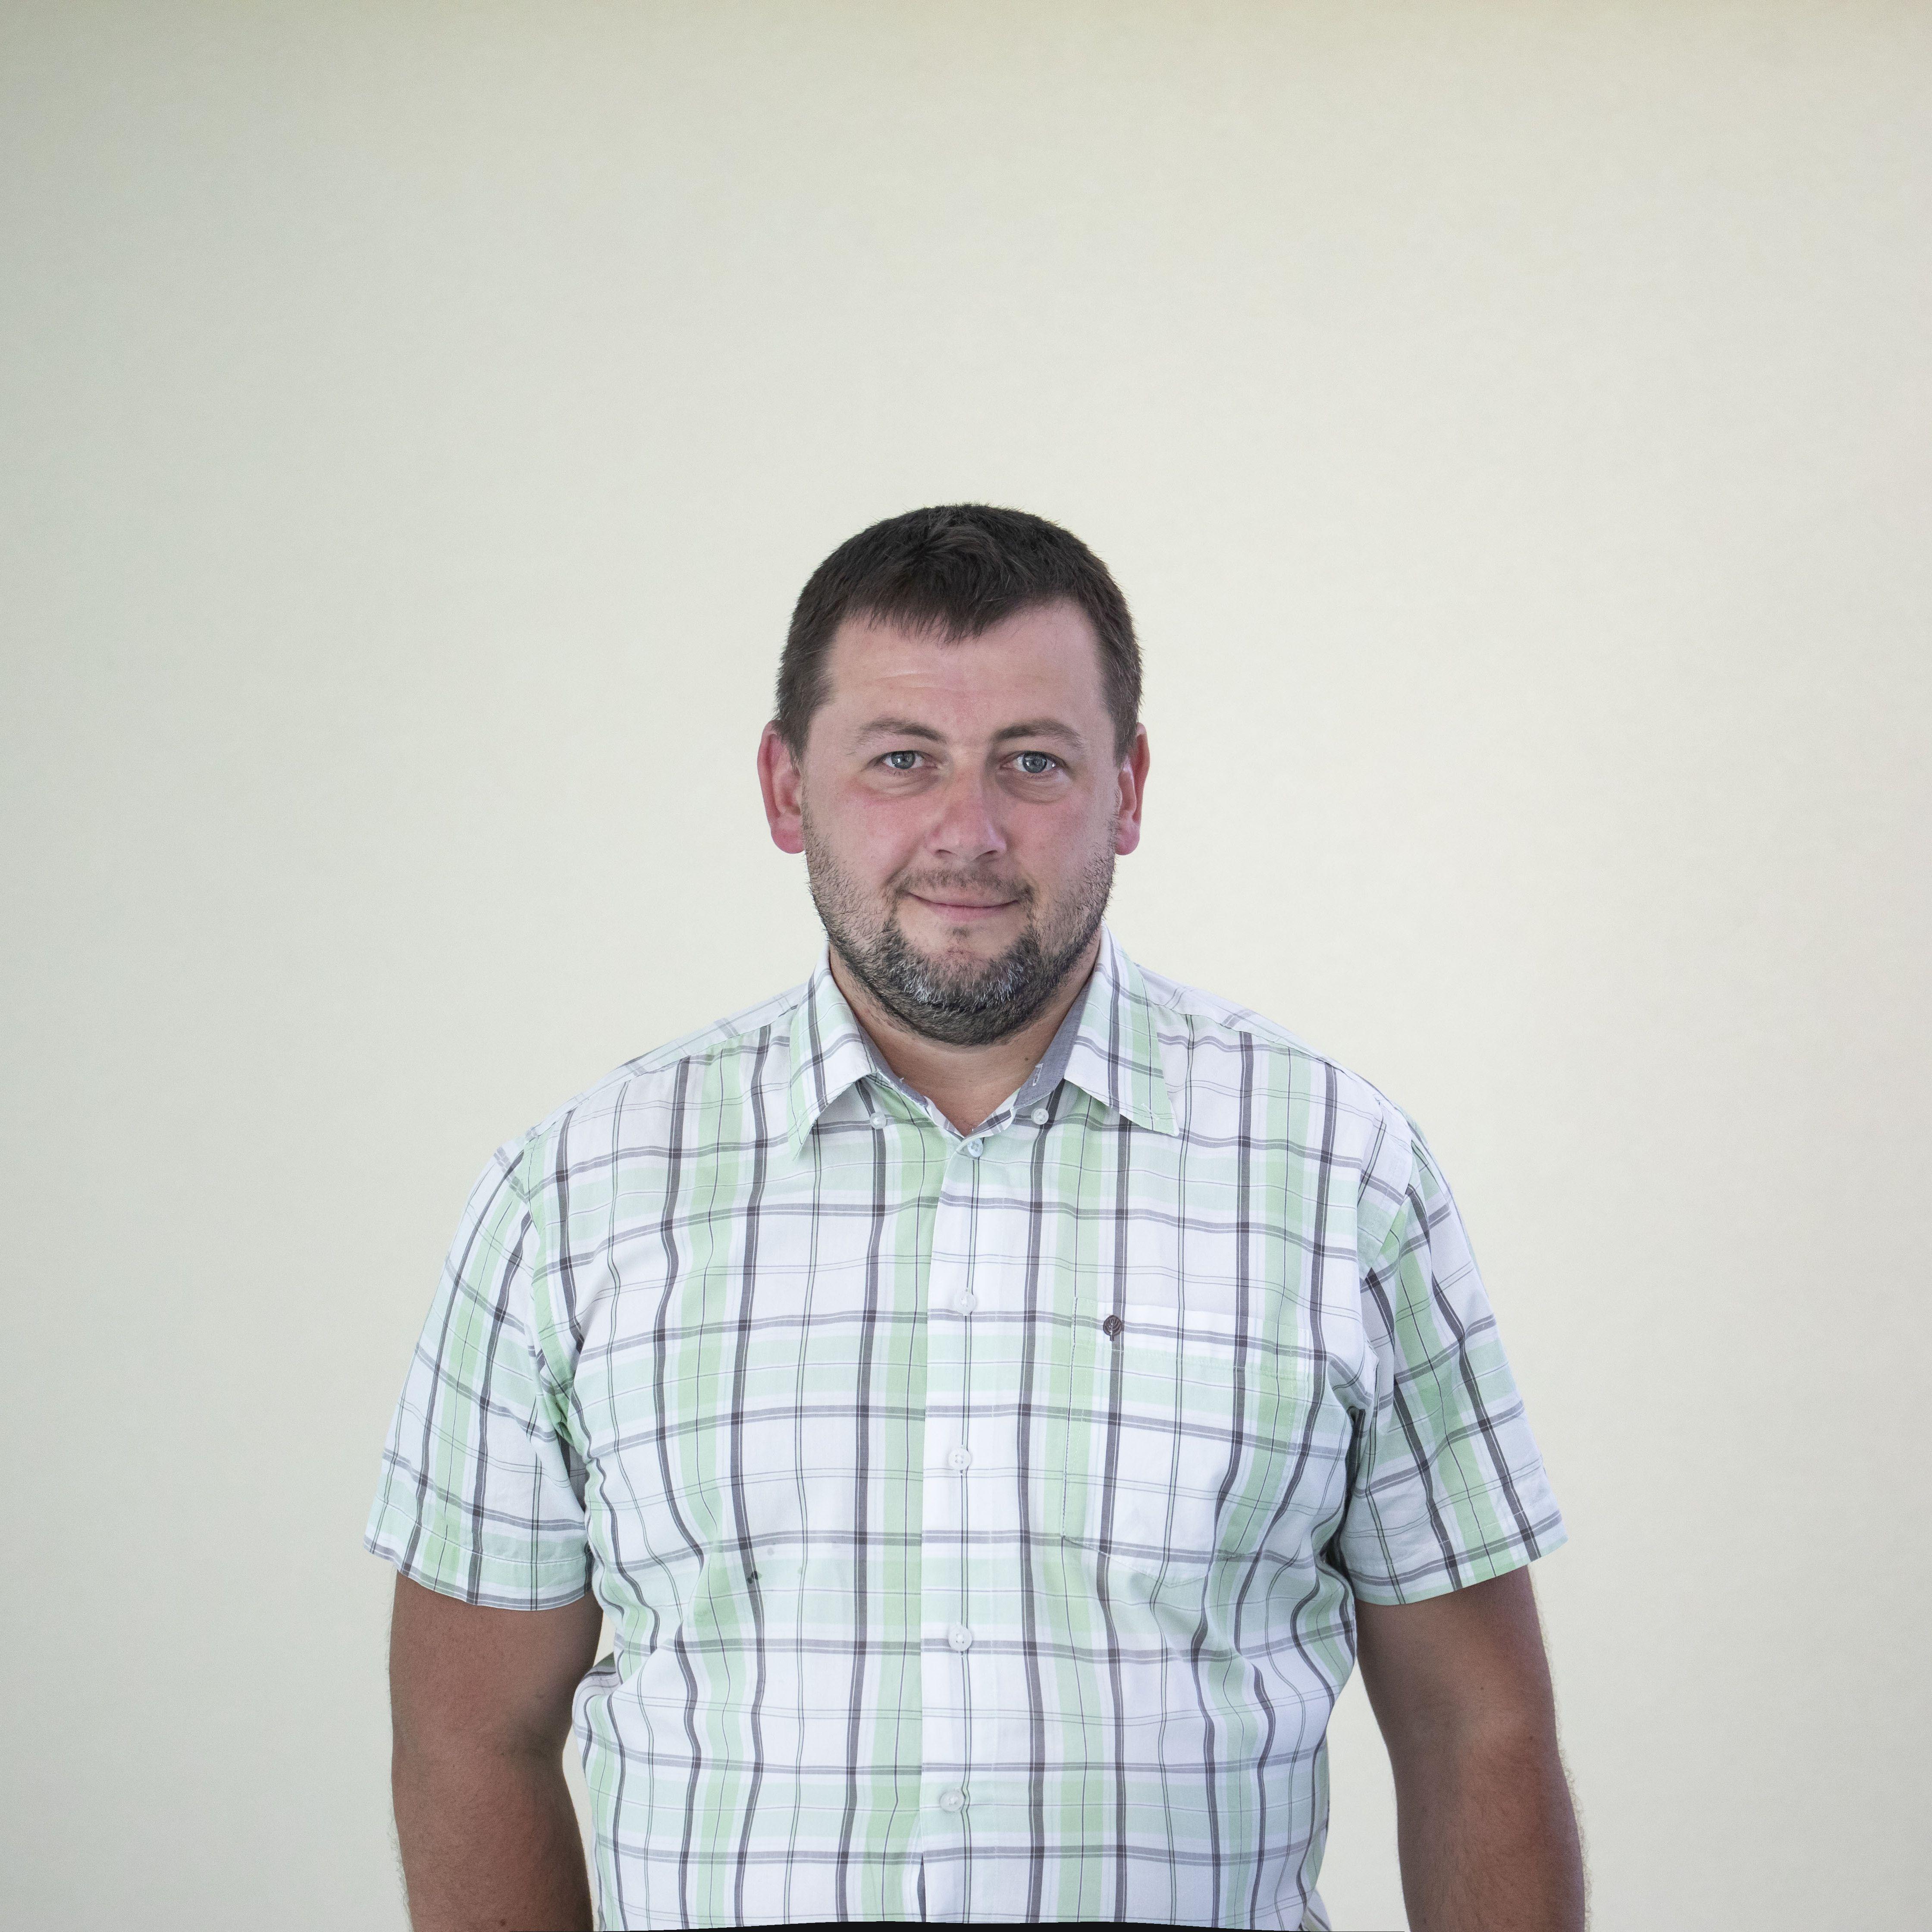 Tomasz Kocur Malec